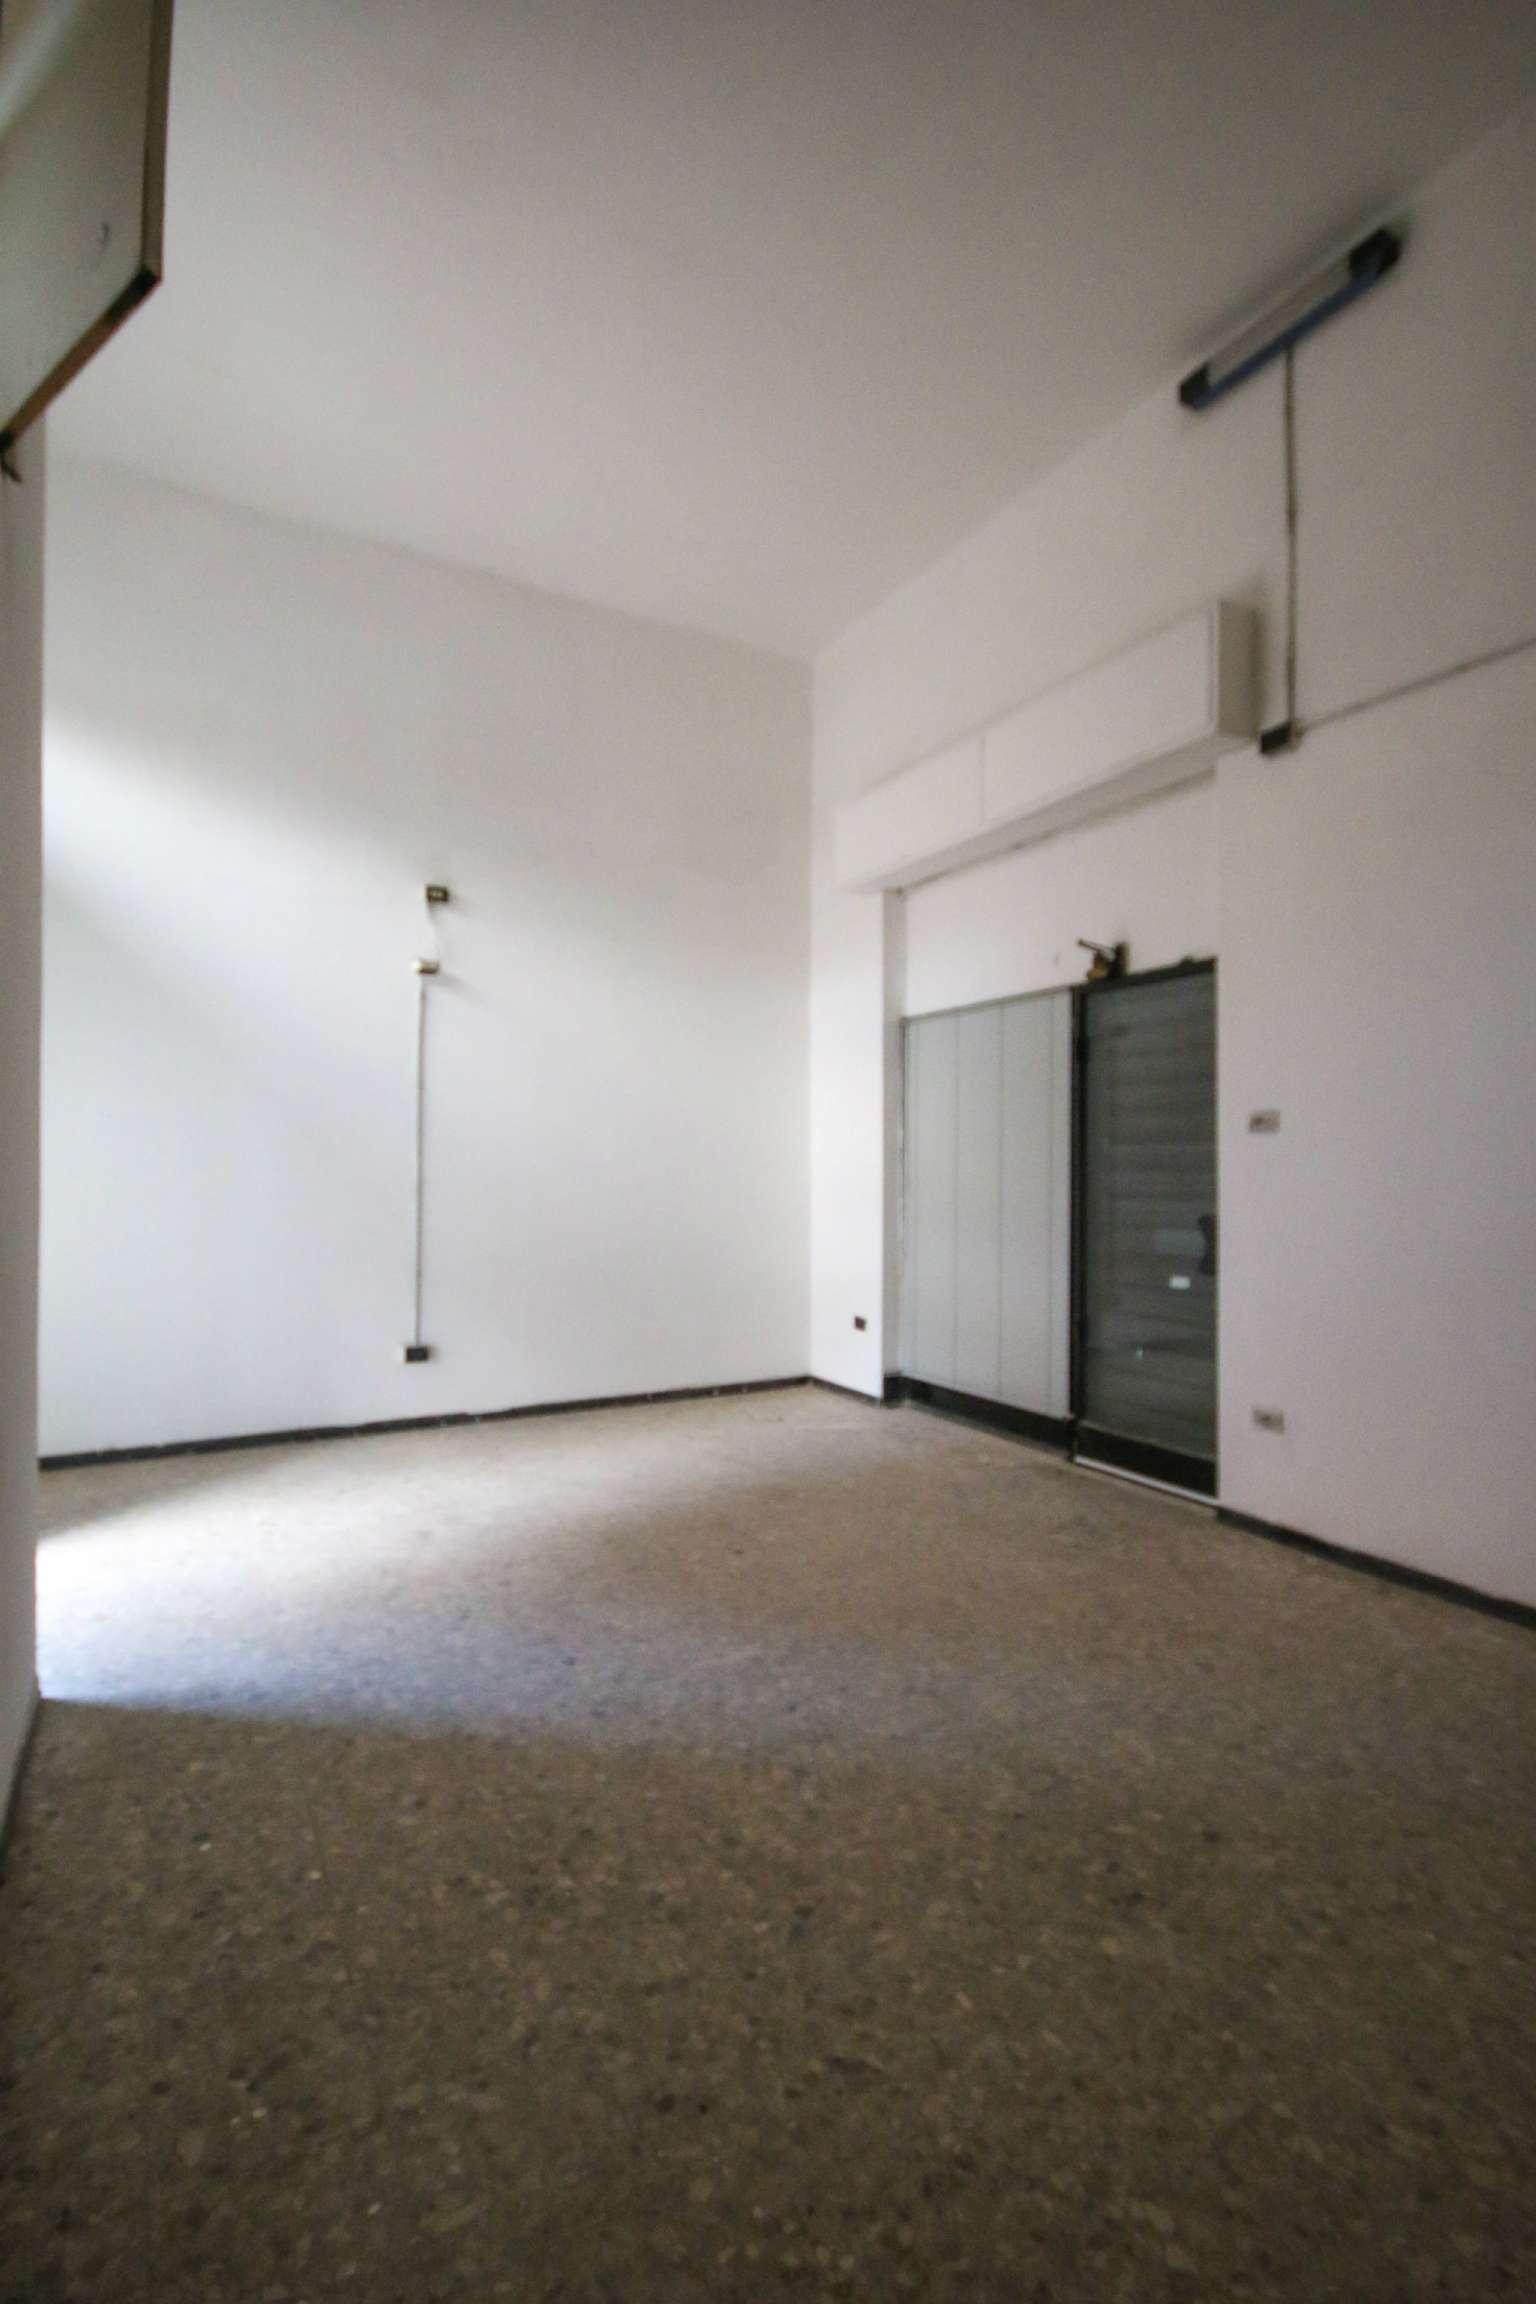 Negozio / Locale in vendita a Bologna, 1 locali, zona Zona: 7 . Savena, Mazzini, Fossolo, Bellaria, prezzo € 41.000 | Cambio Casa.it